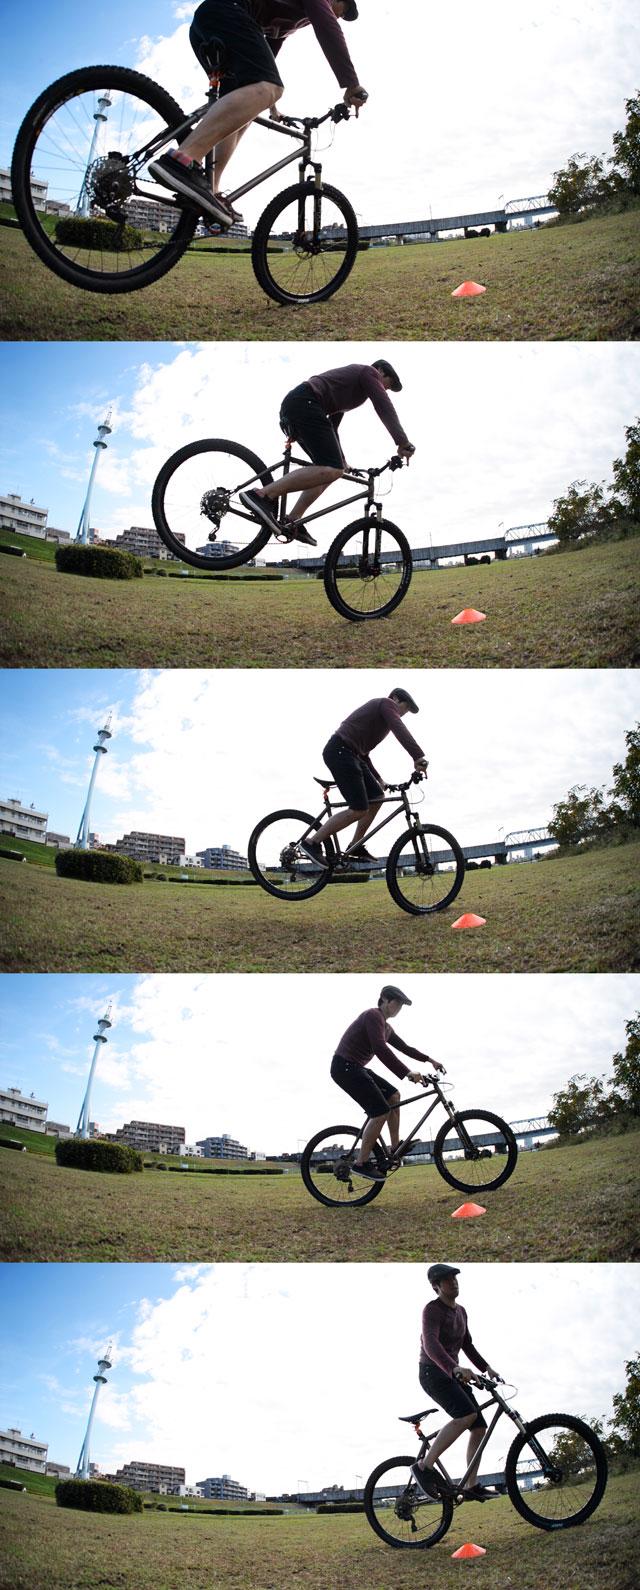 MTB マウンテンバイク YAMADORI 2nd 26 多摩川サイクリングロード ノーズマニュアルターン ジャックナイフカービング